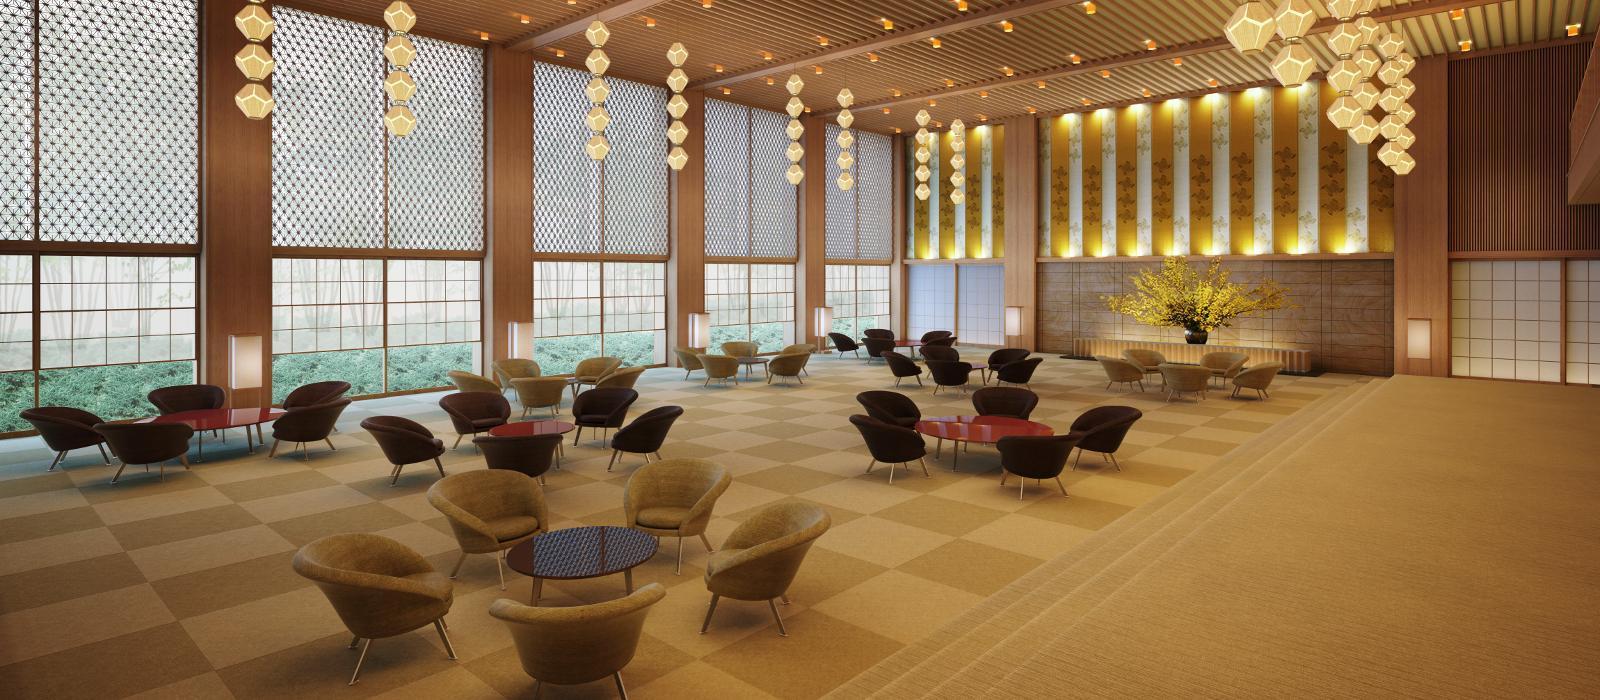 东京大仓饭店(The Okura Tokyo)【 东京,日本】 酒店  www.lhw.cn